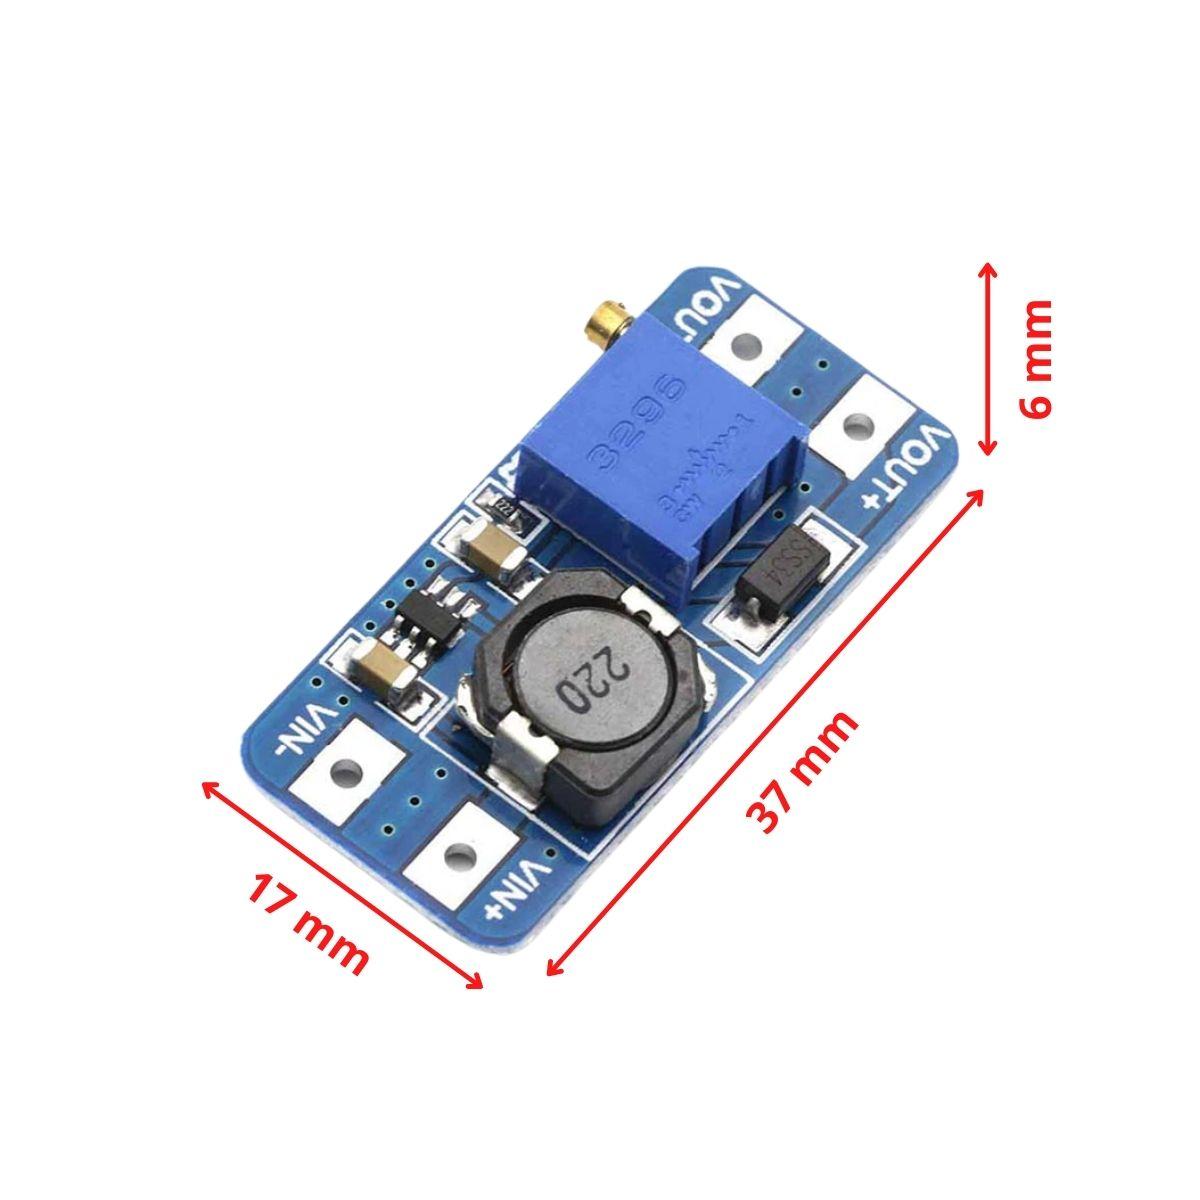 Módulo Regulador de Tensão Ajustável MT3608 Step Up - 2,5V a 28V